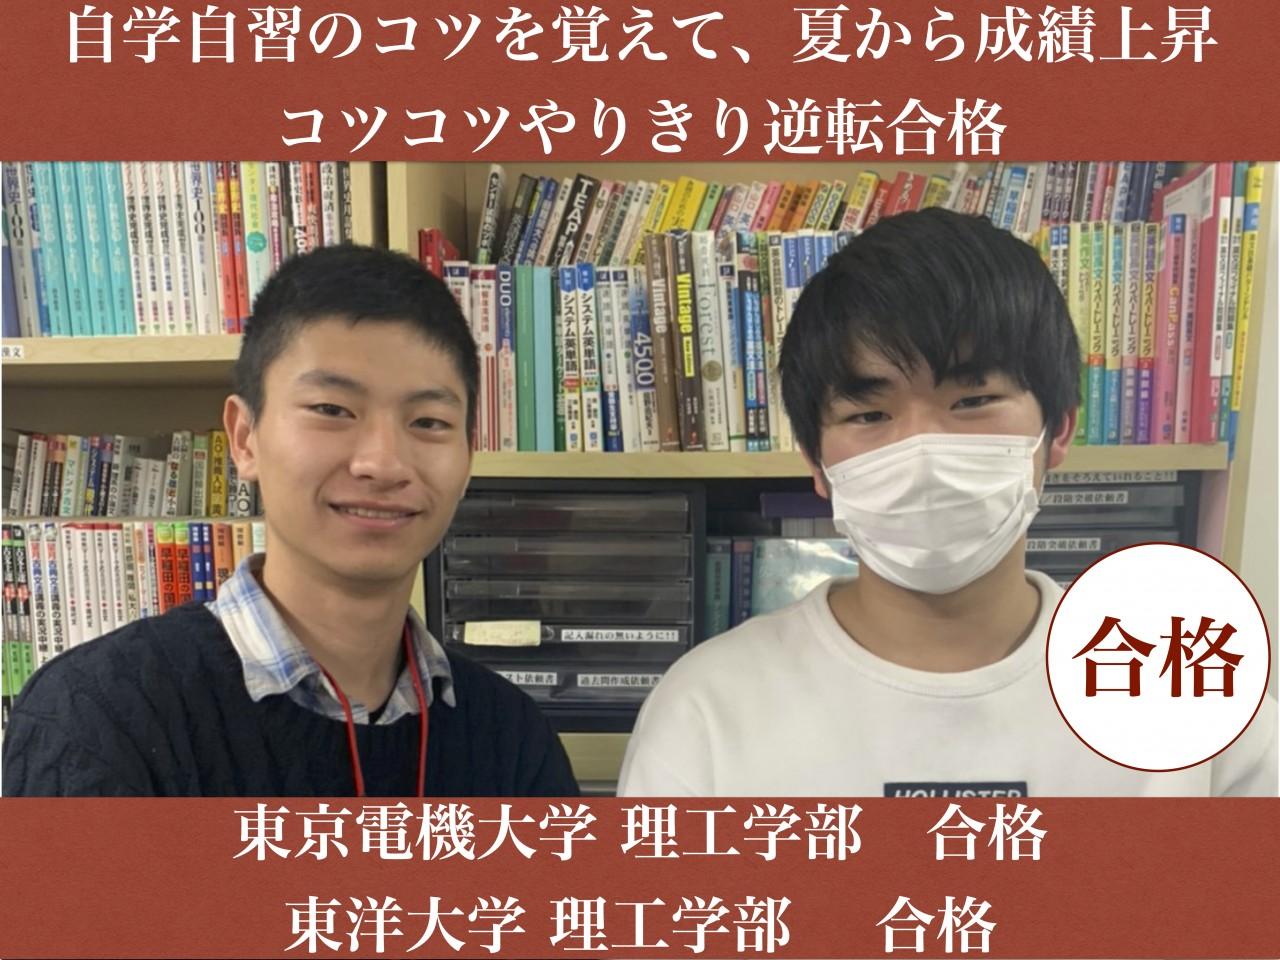 東京電気大学 合格